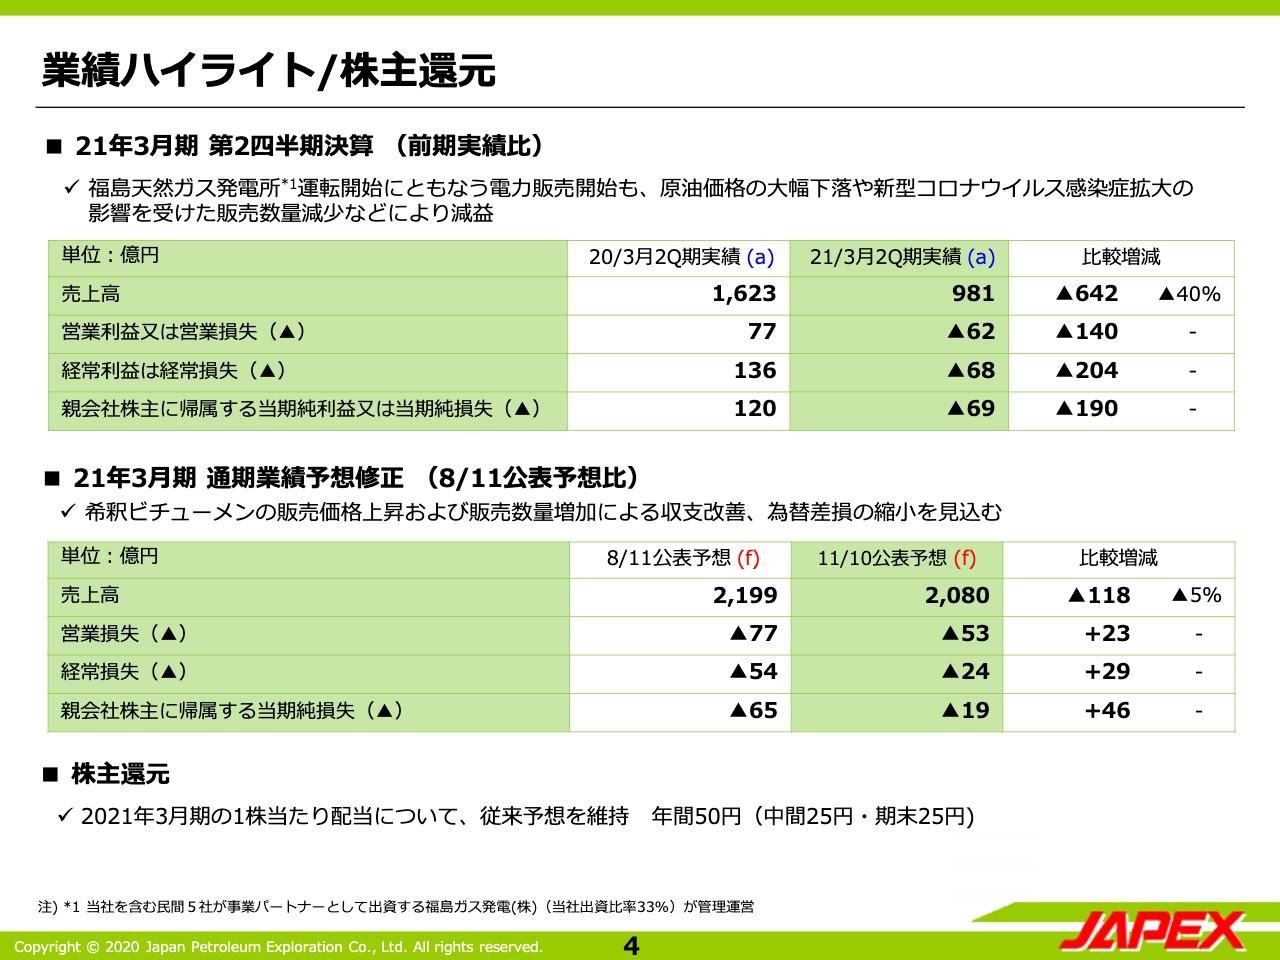 石油資源開発、2Qは減収減益 原油価格の大幅下落やコロナ影響を受けて販売数量が減少